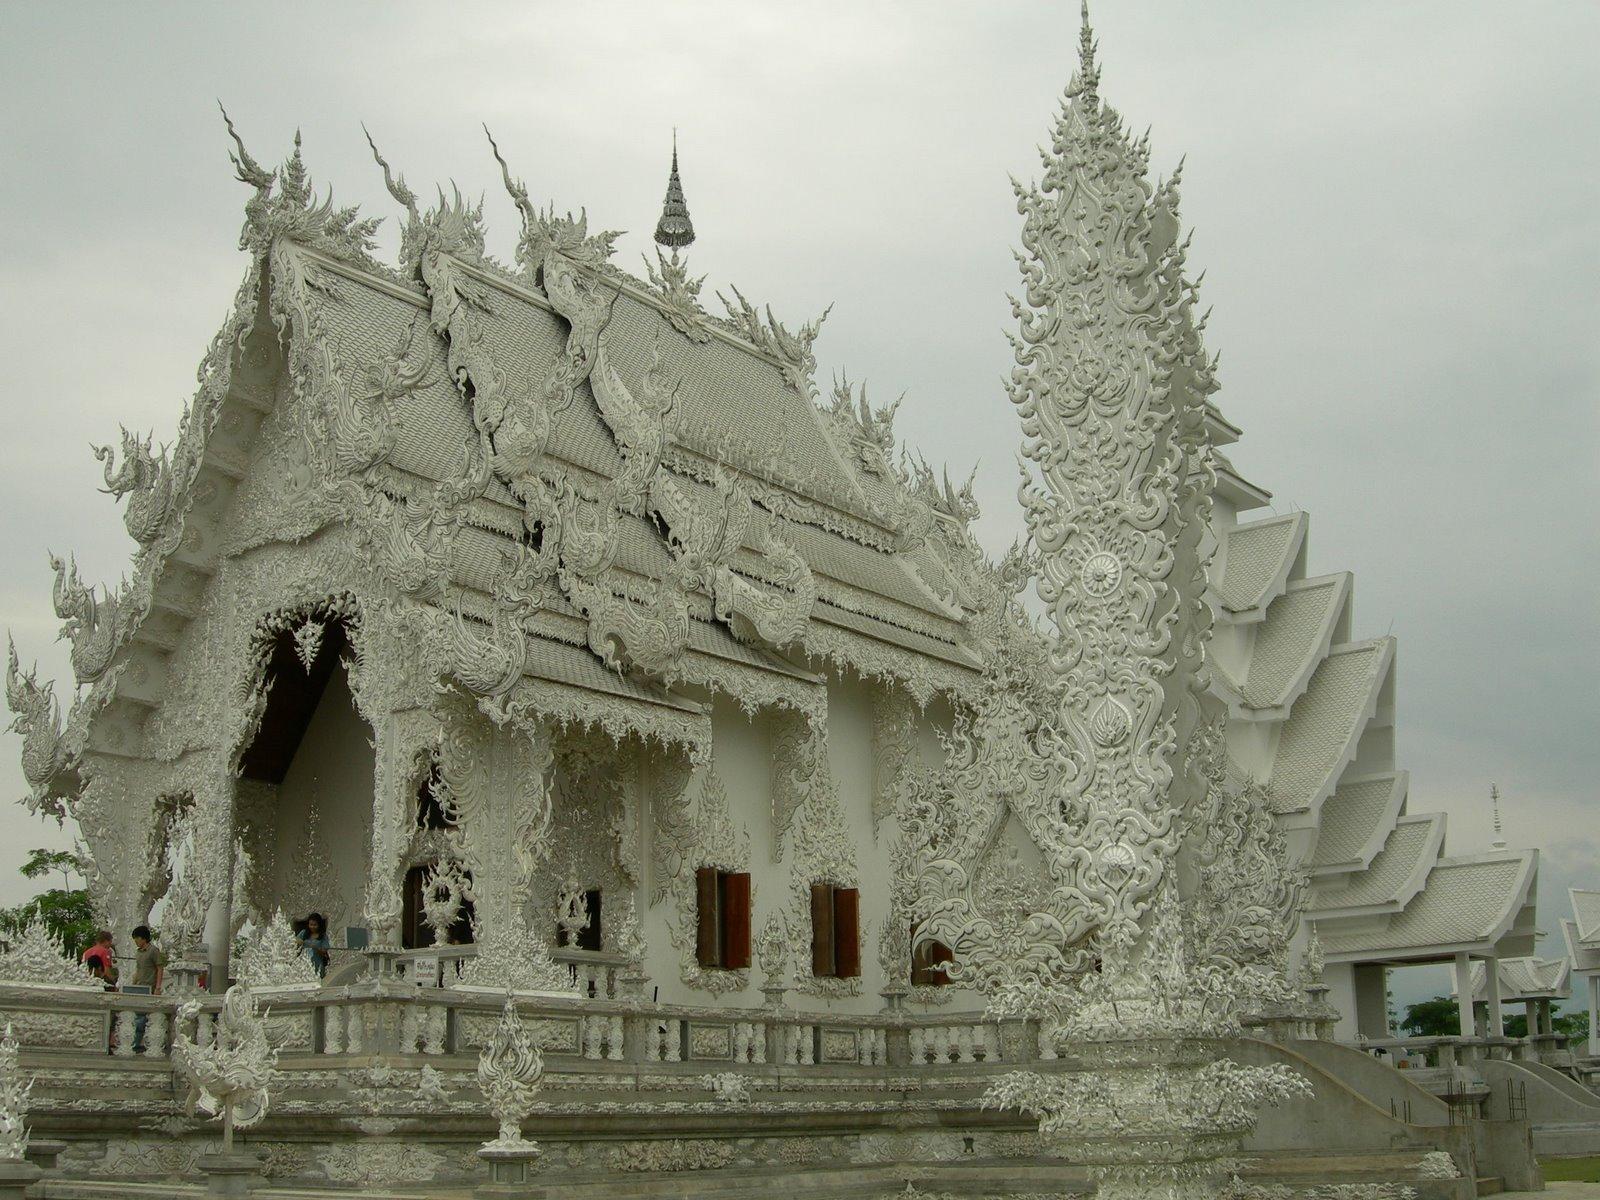 paradis express: Wat Rong Khun, Chiang Rai, Thailand